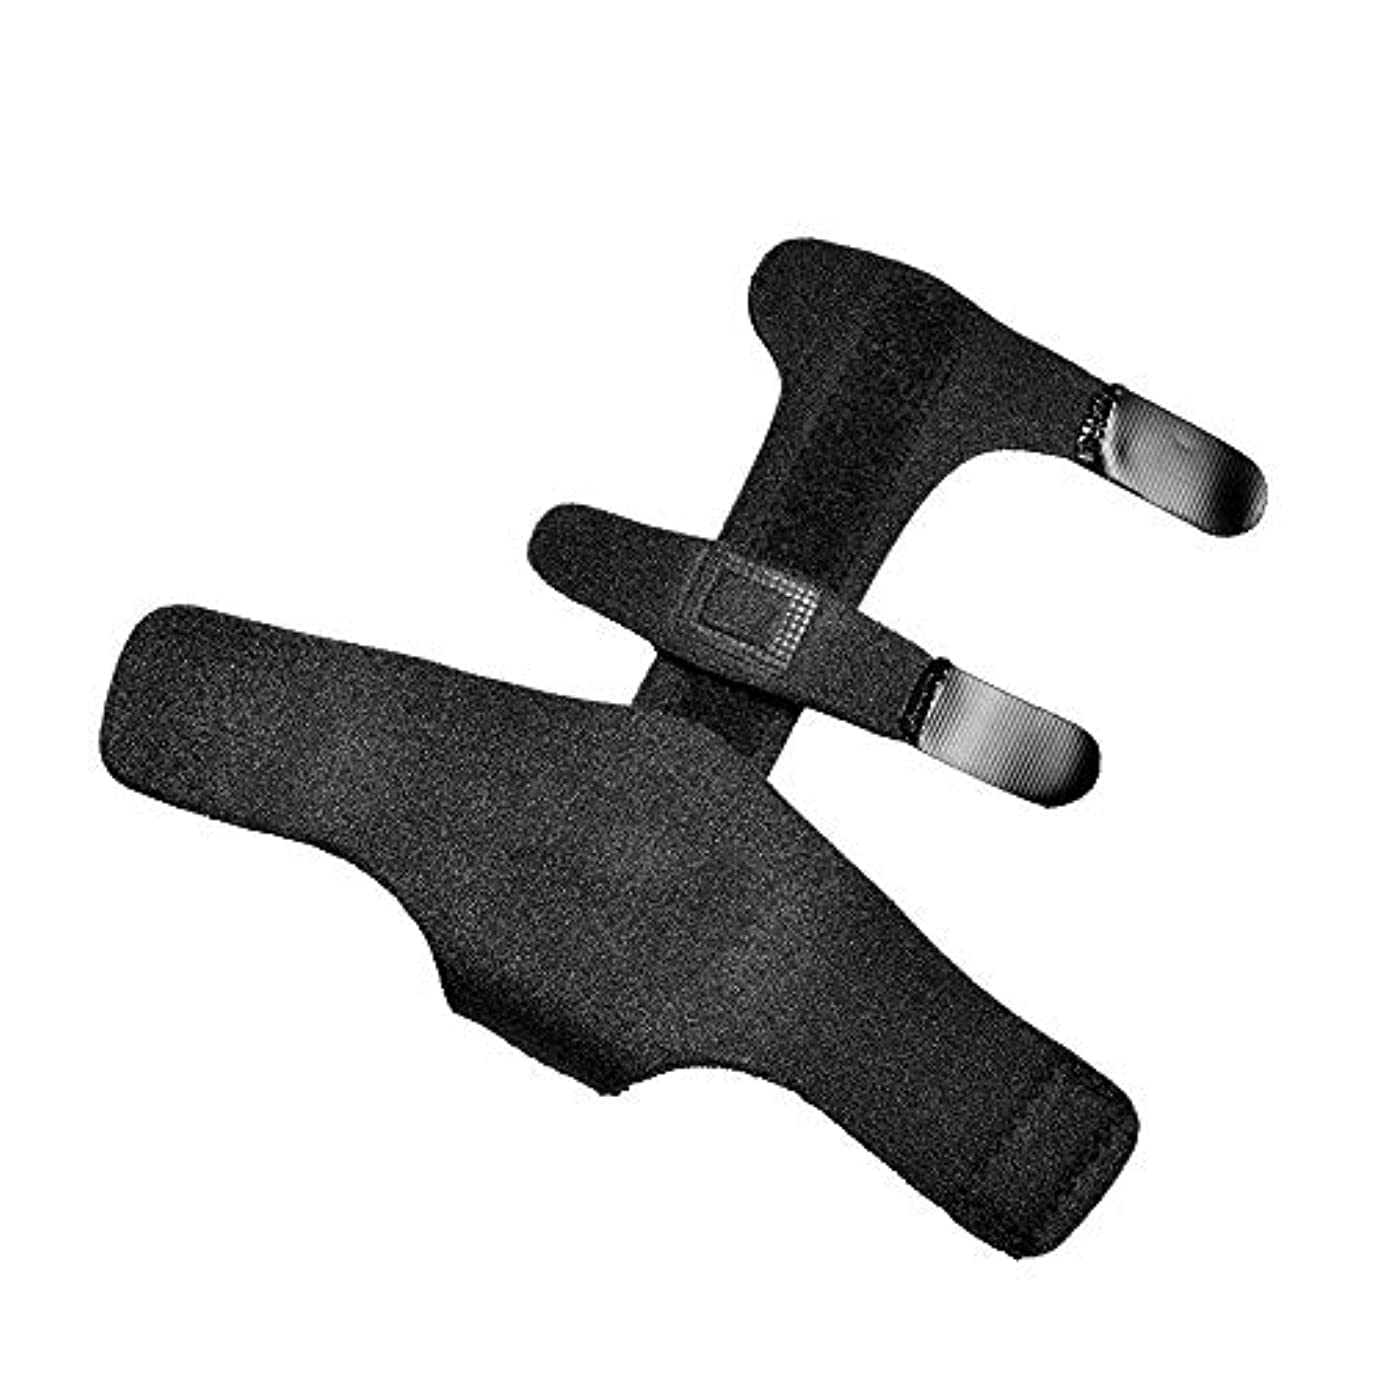 熱狂的な概要優先ZYL-YL 指固定スリーブ指節クリップアルミニウム板指固定補正ベルト手首の指が固定 (色 : 黒, Edition : Left)